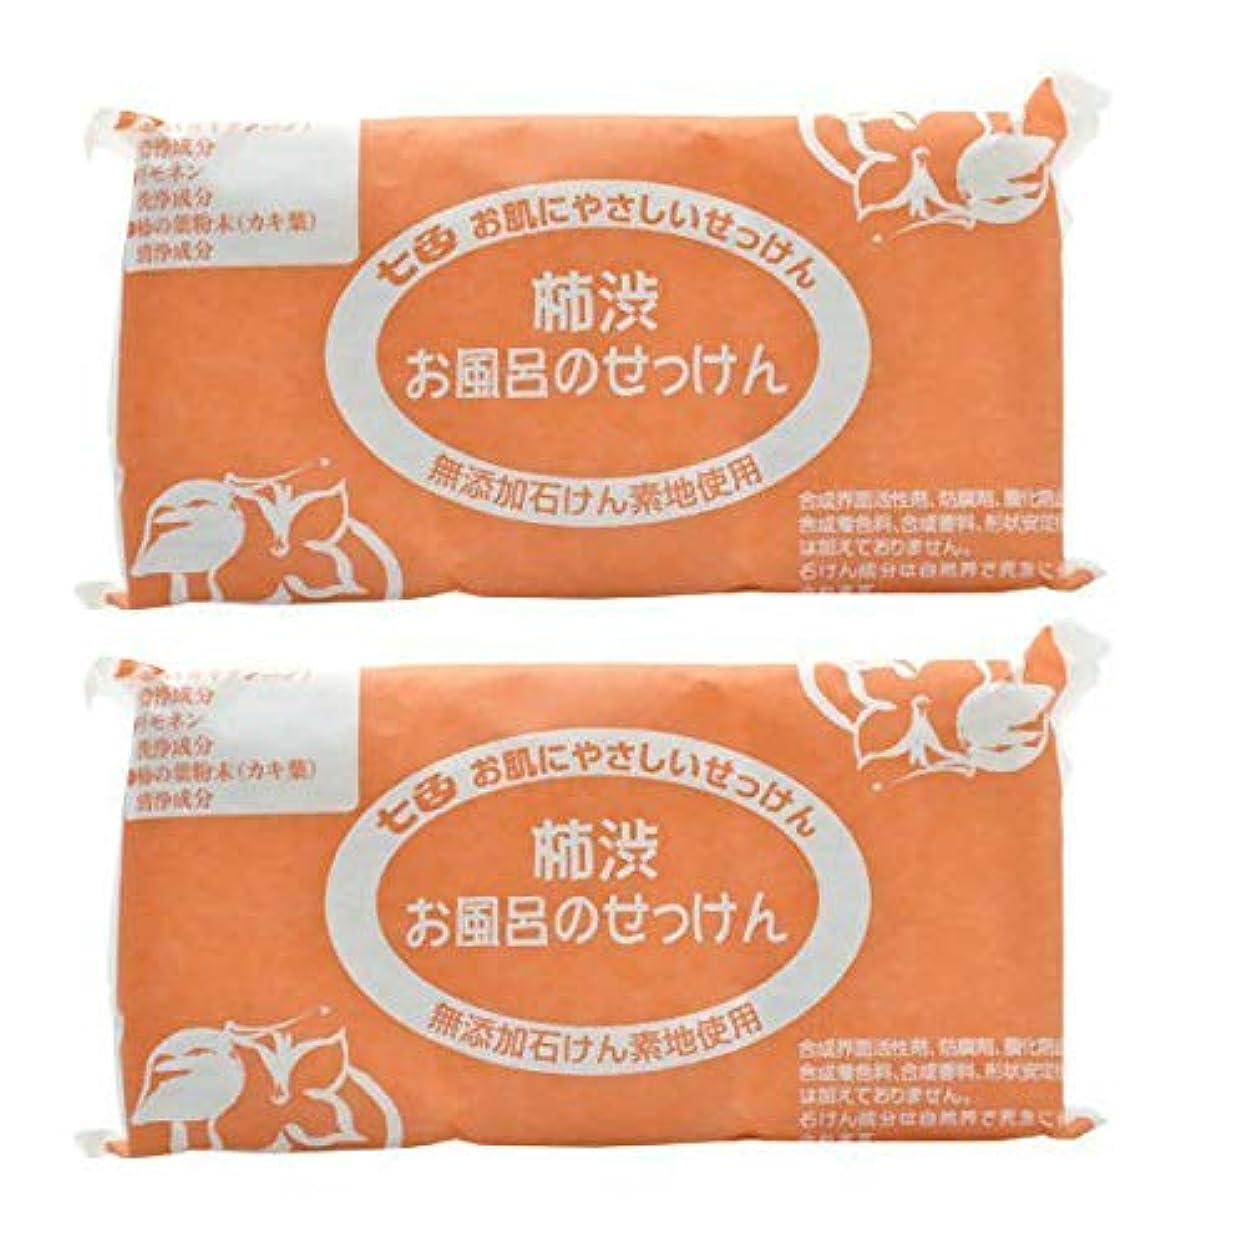 現像コンピューターを使用する日記七色 お風呂のせっけん 柿渋(無添加石鹸) 100g×3個入×2セット